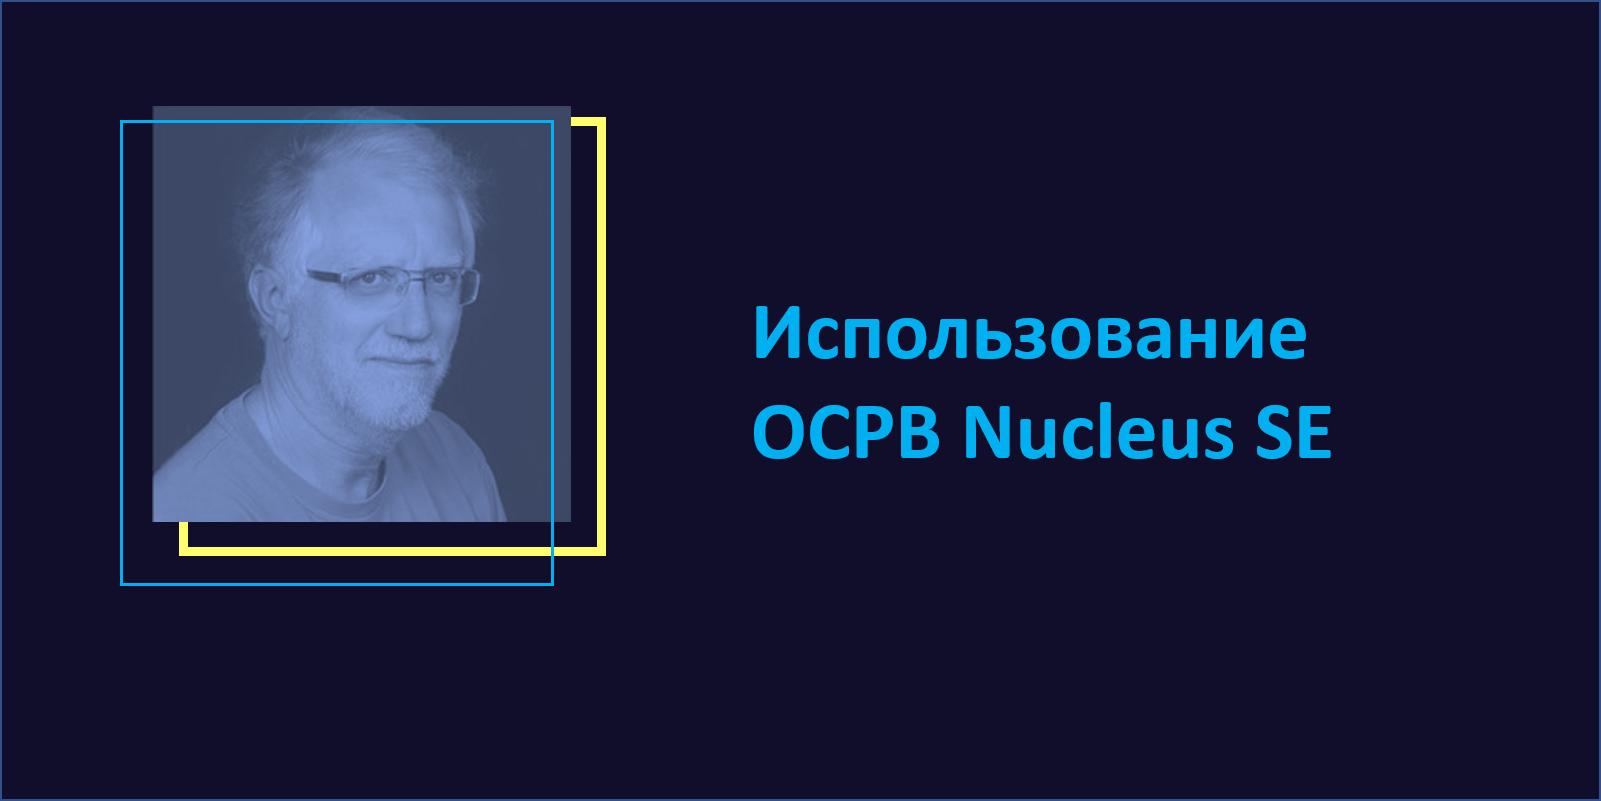 Вся правда об ОСРВ. Статья #33. Использование операционной системы реального времени Nucleus SE - 1